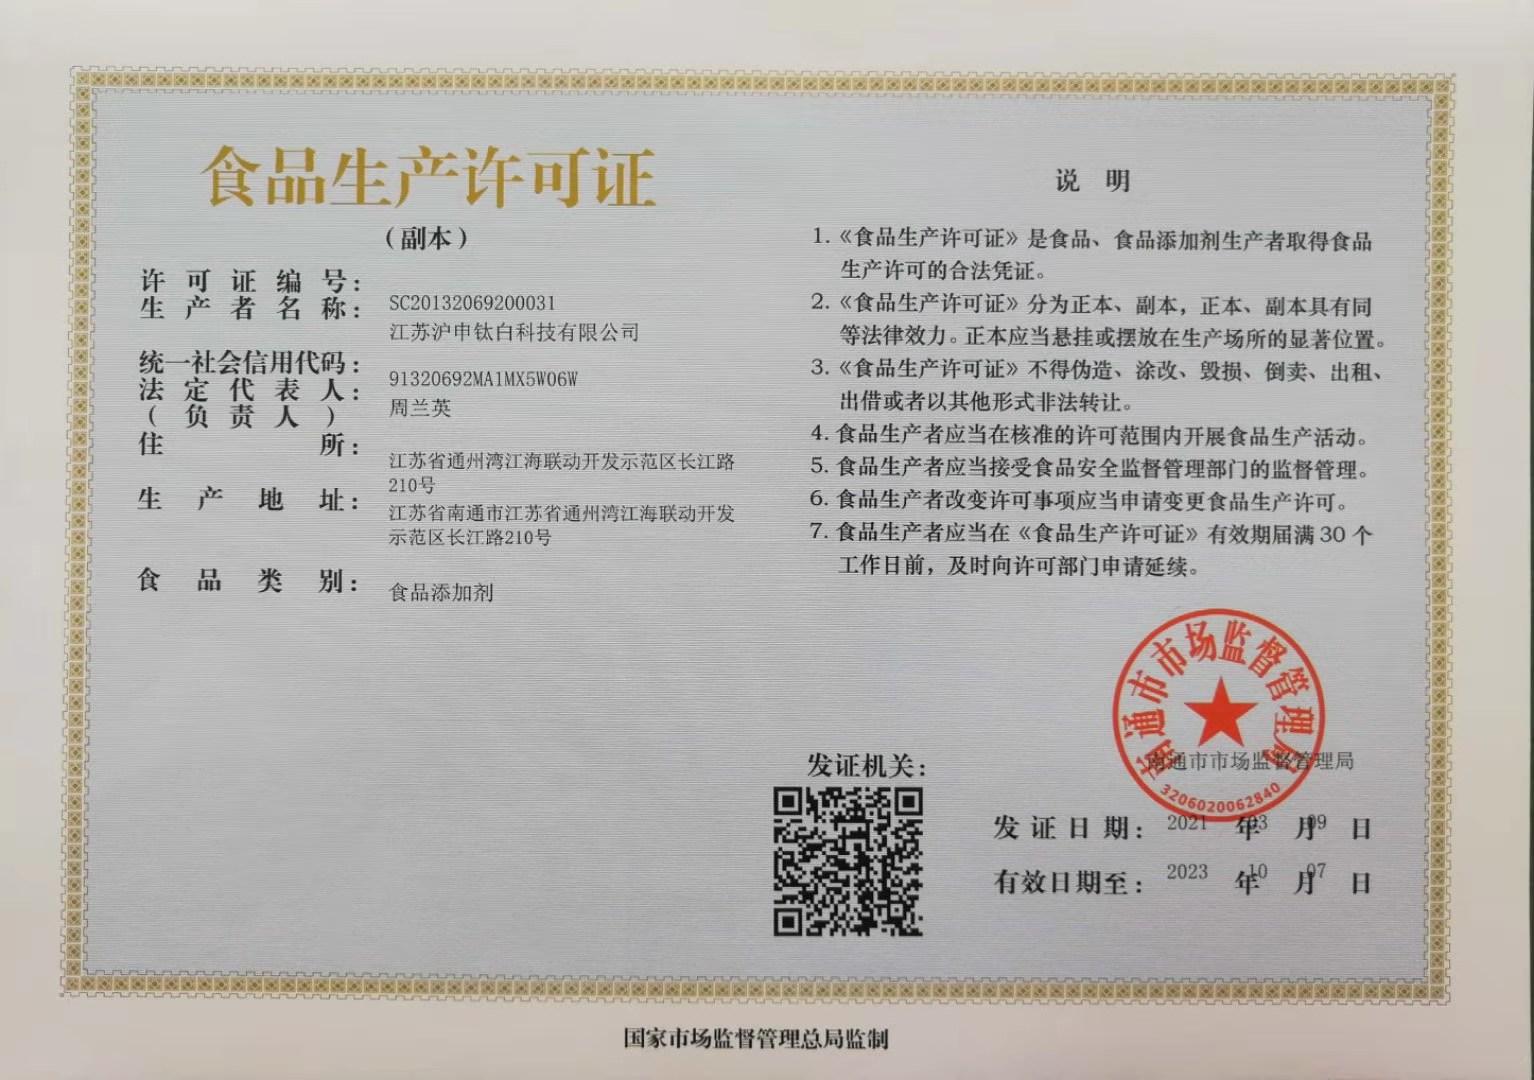 21-3-9变更地址描述-食品生产许可证副本.jpg